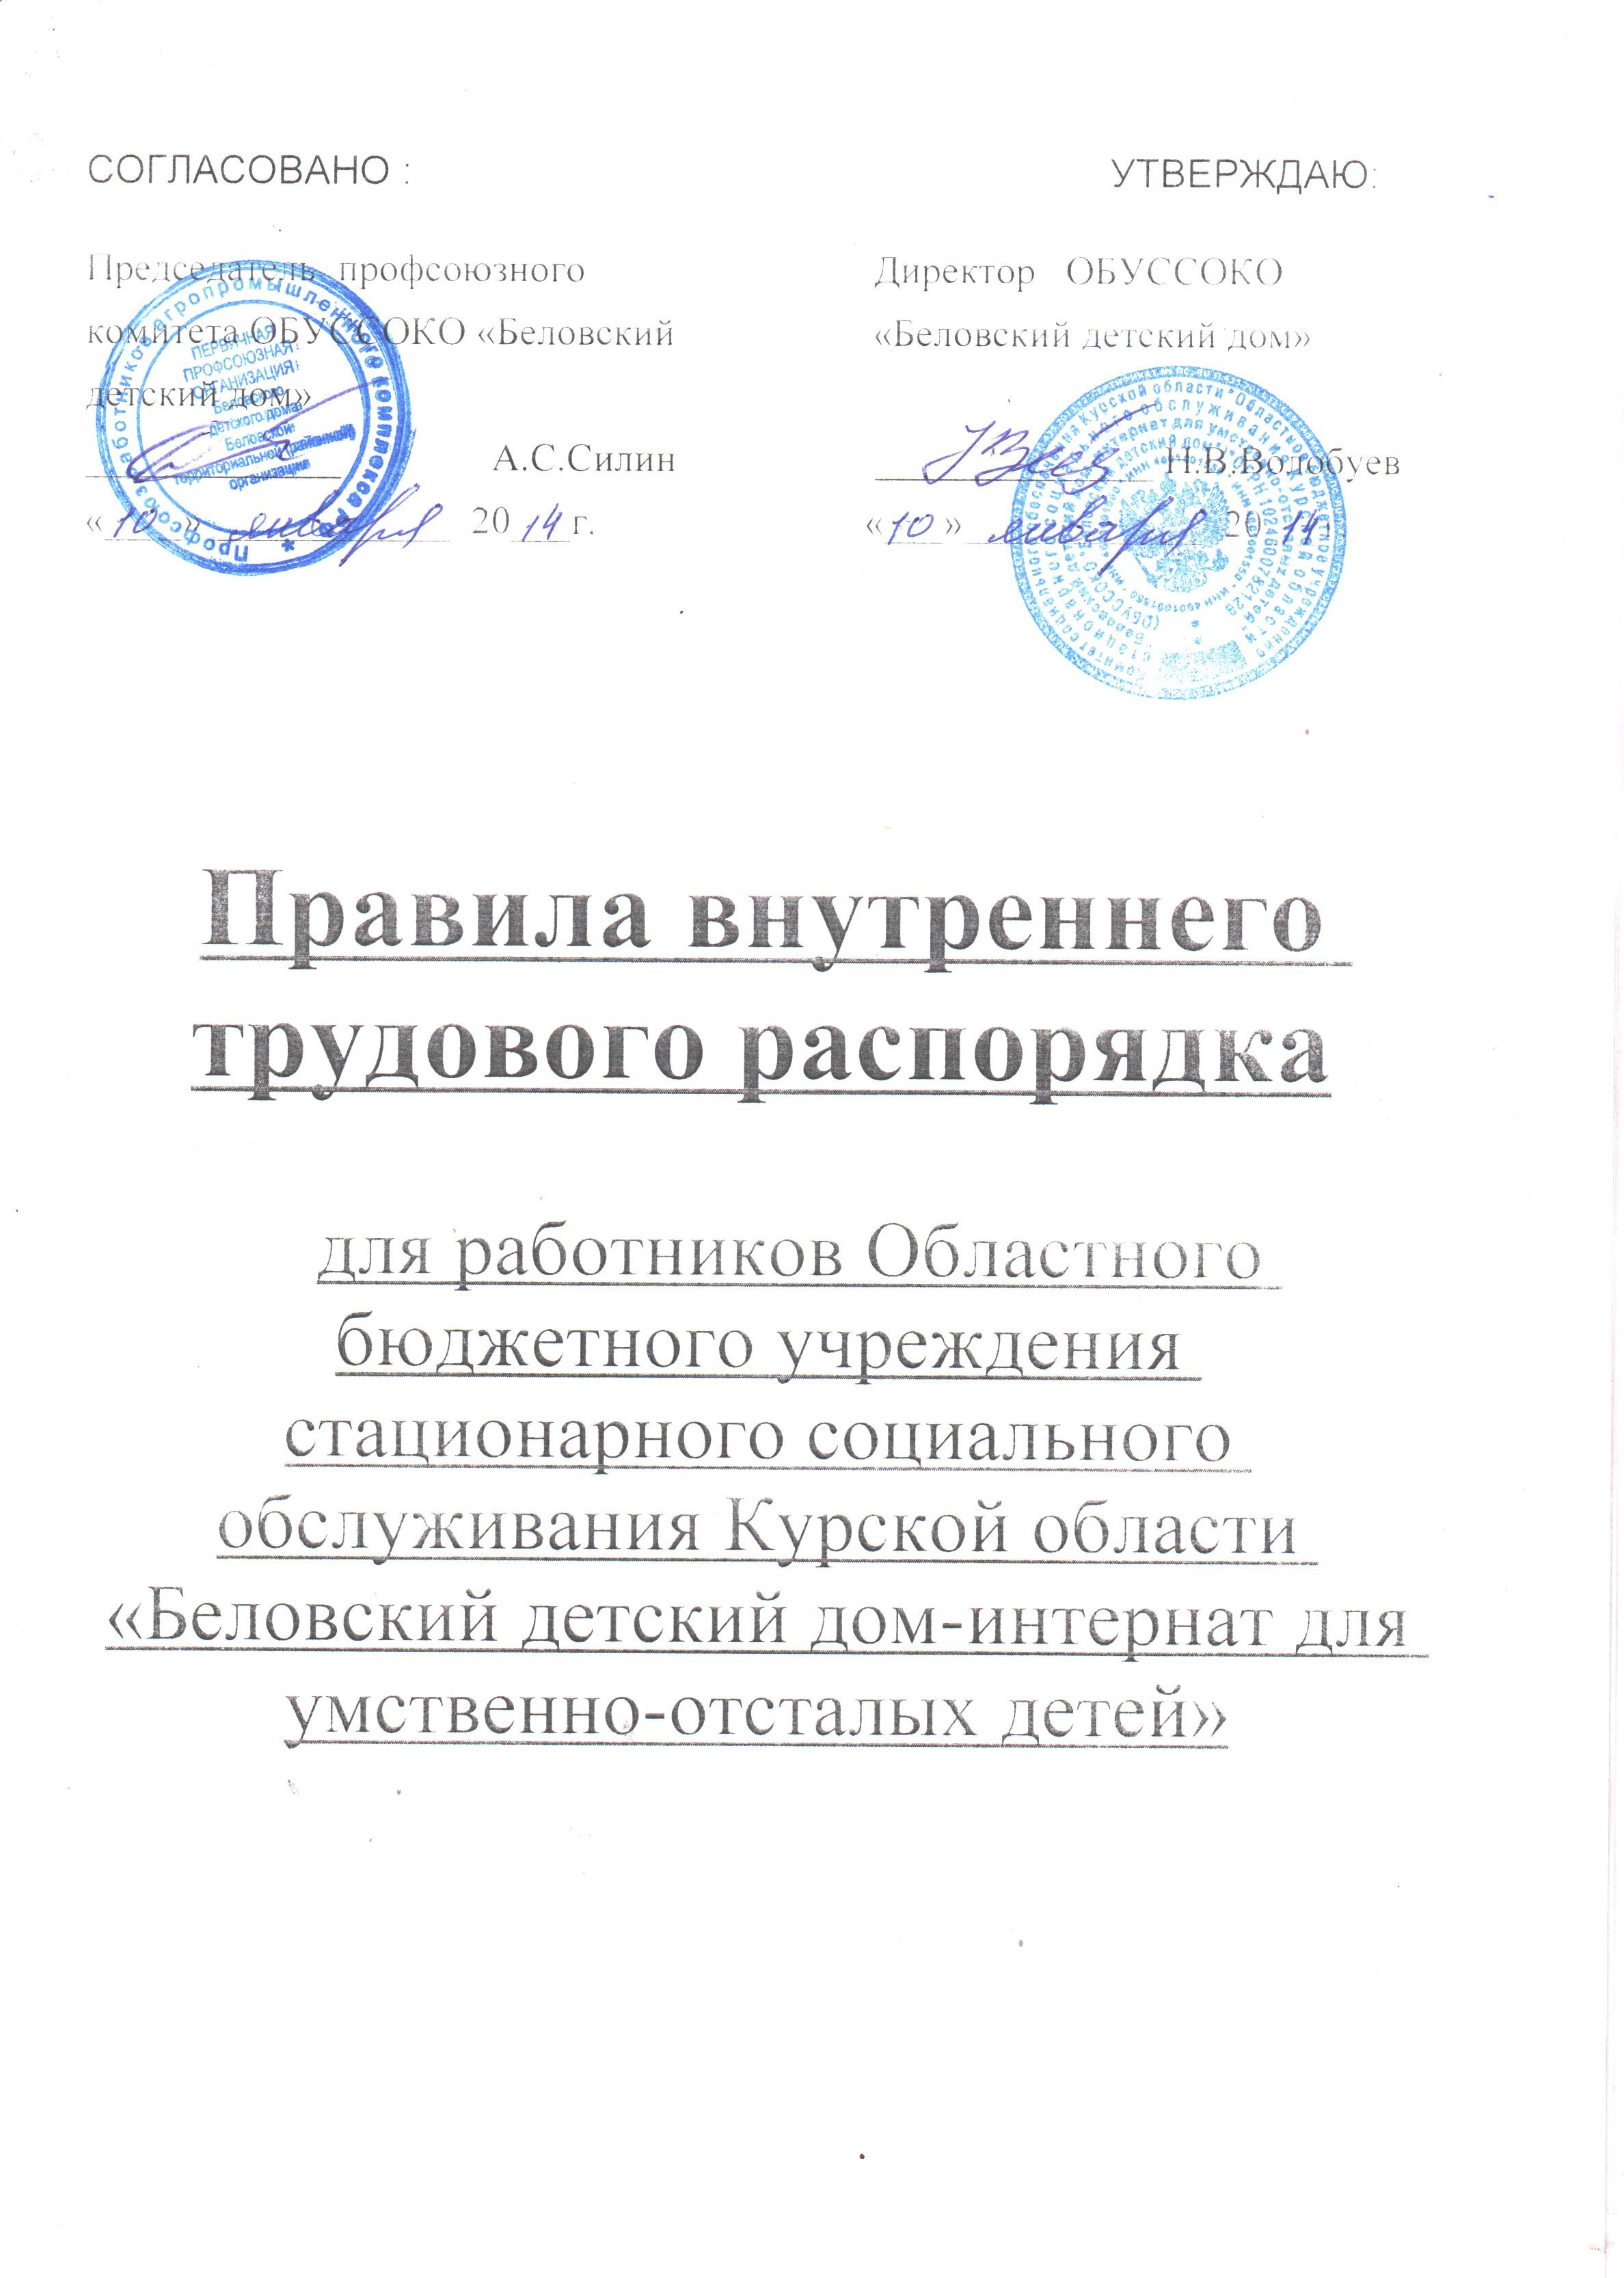 Трудовой договор Курская справка о несудимости москва купить